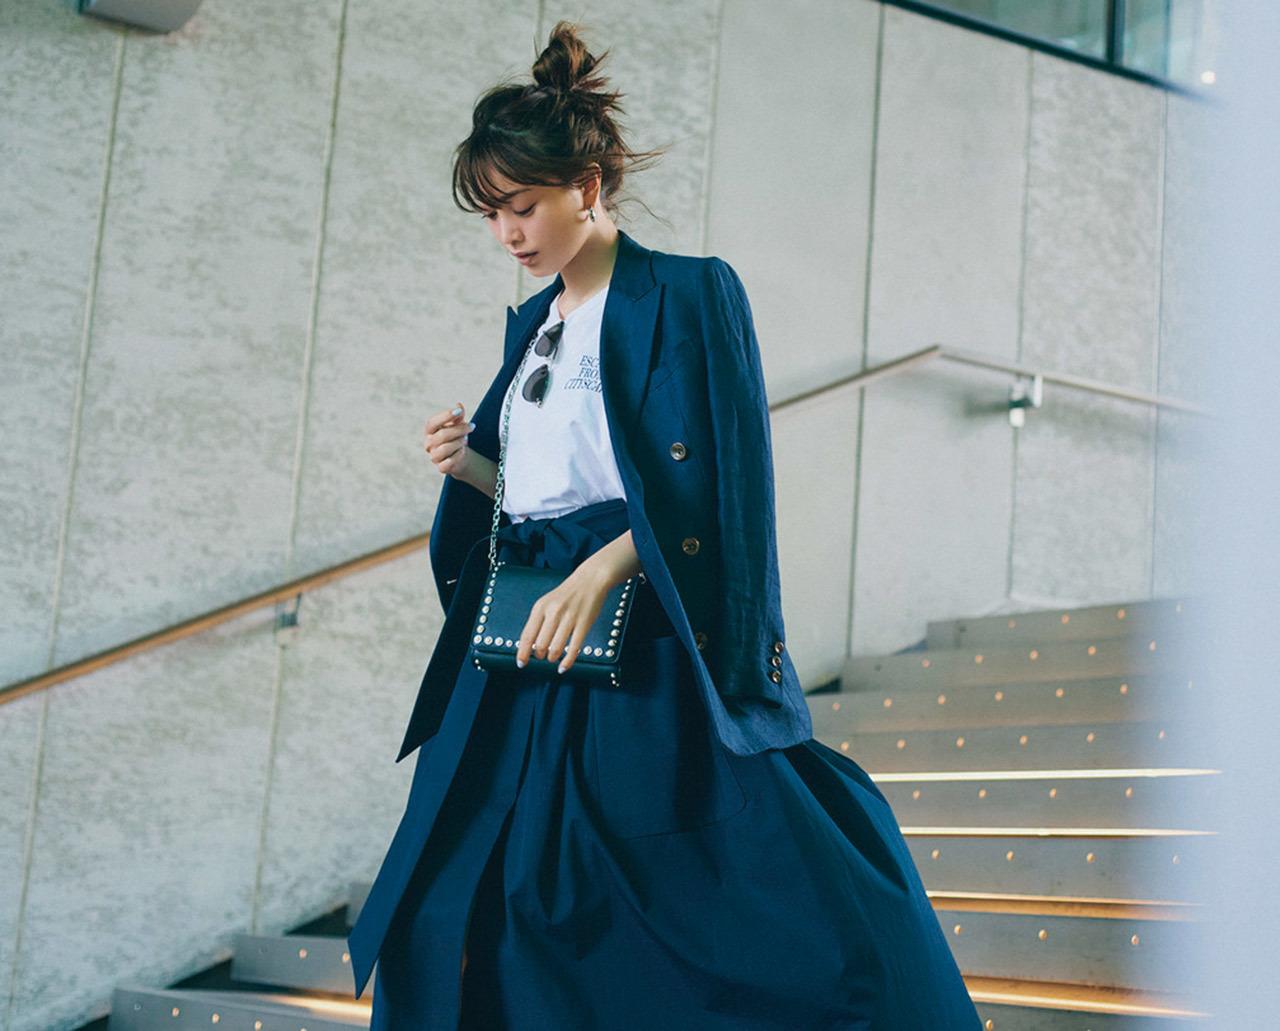 ロゴTシャツ×ジャケット×スカートのセットアップコーデ